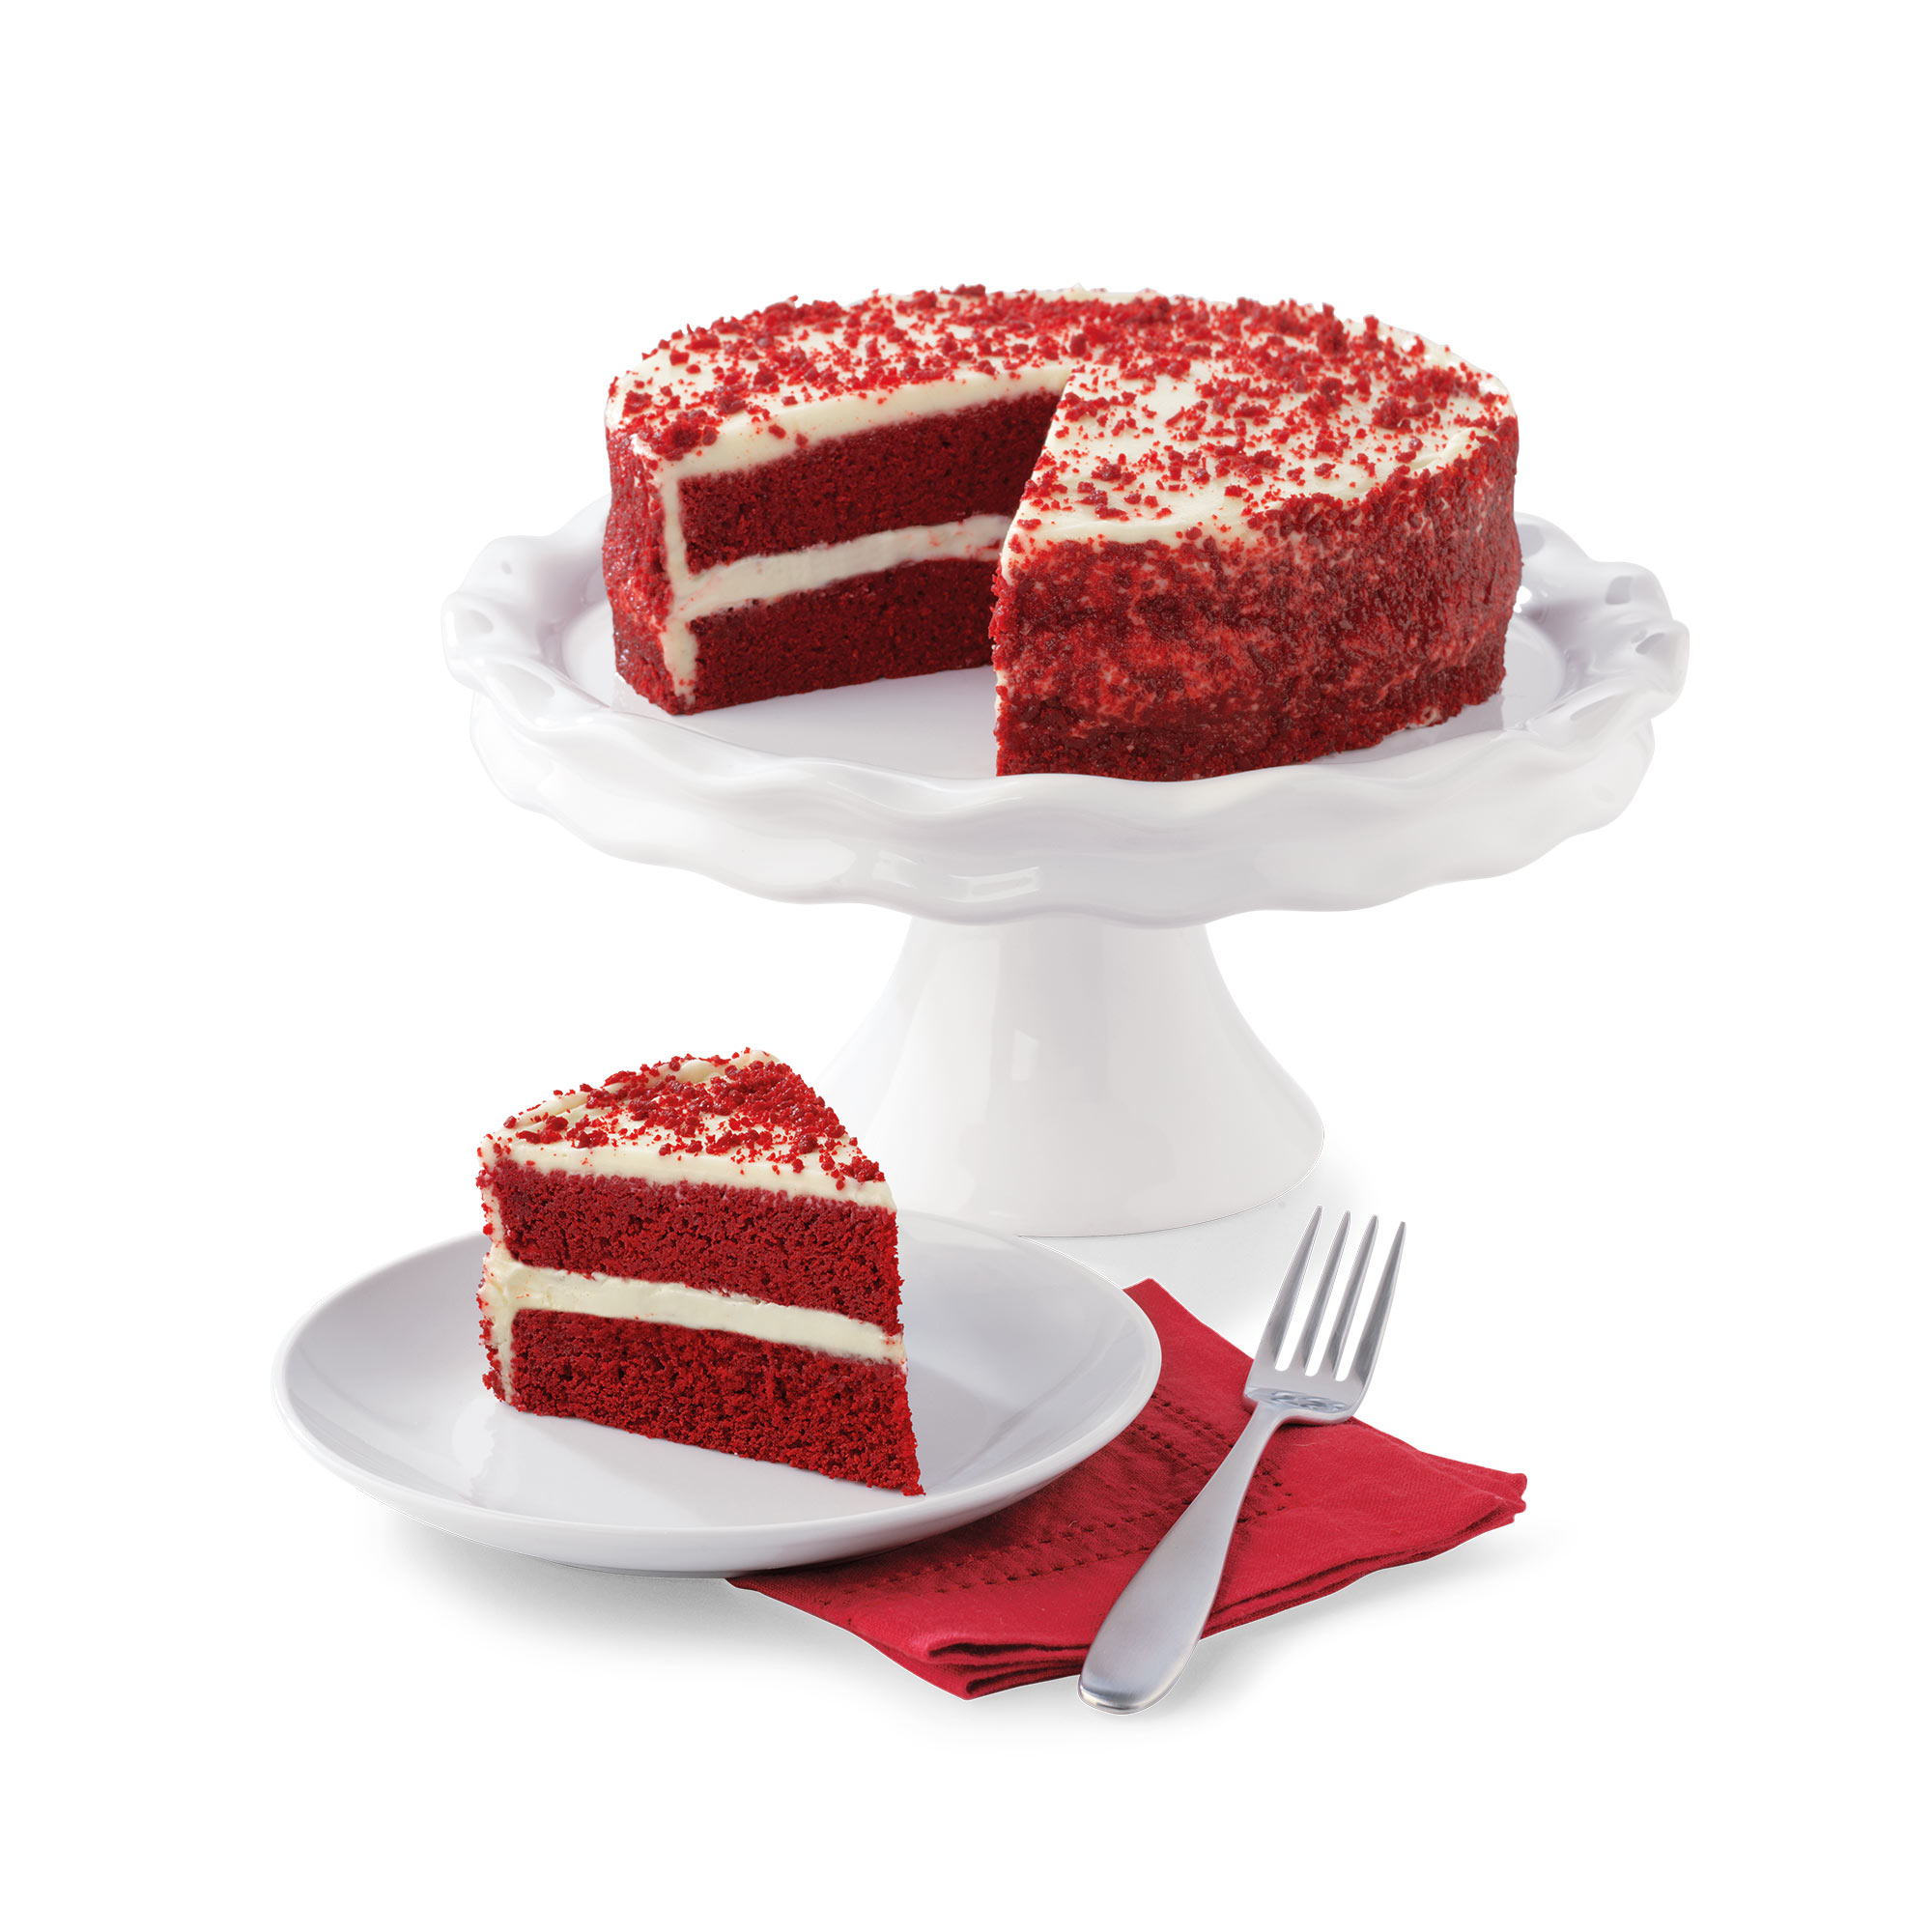 Where Is Red Velvet Cake Most Popular